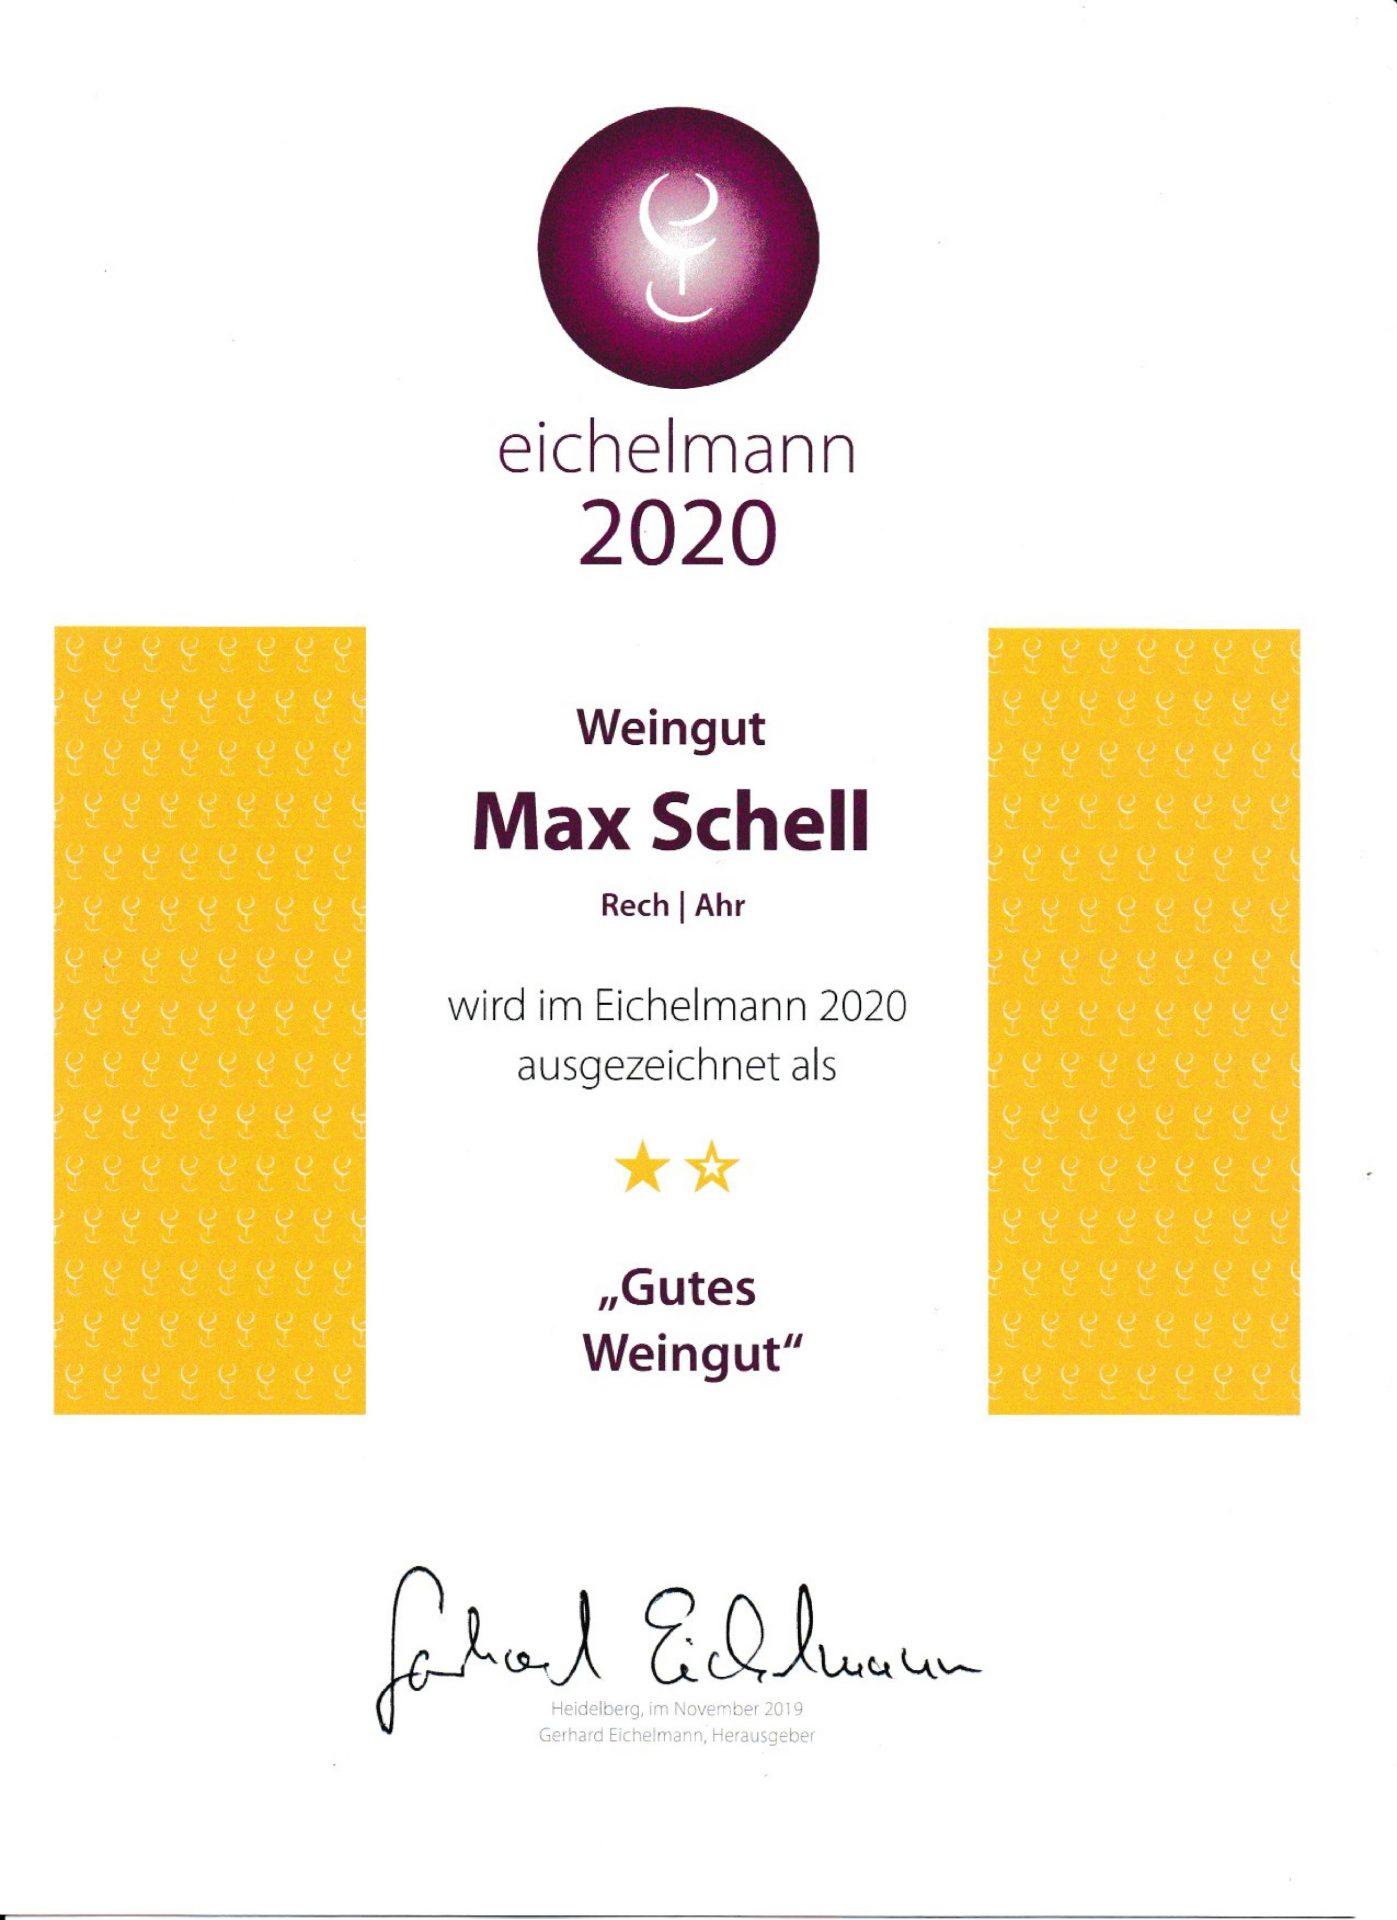 2020 Eichelmann Urkunde